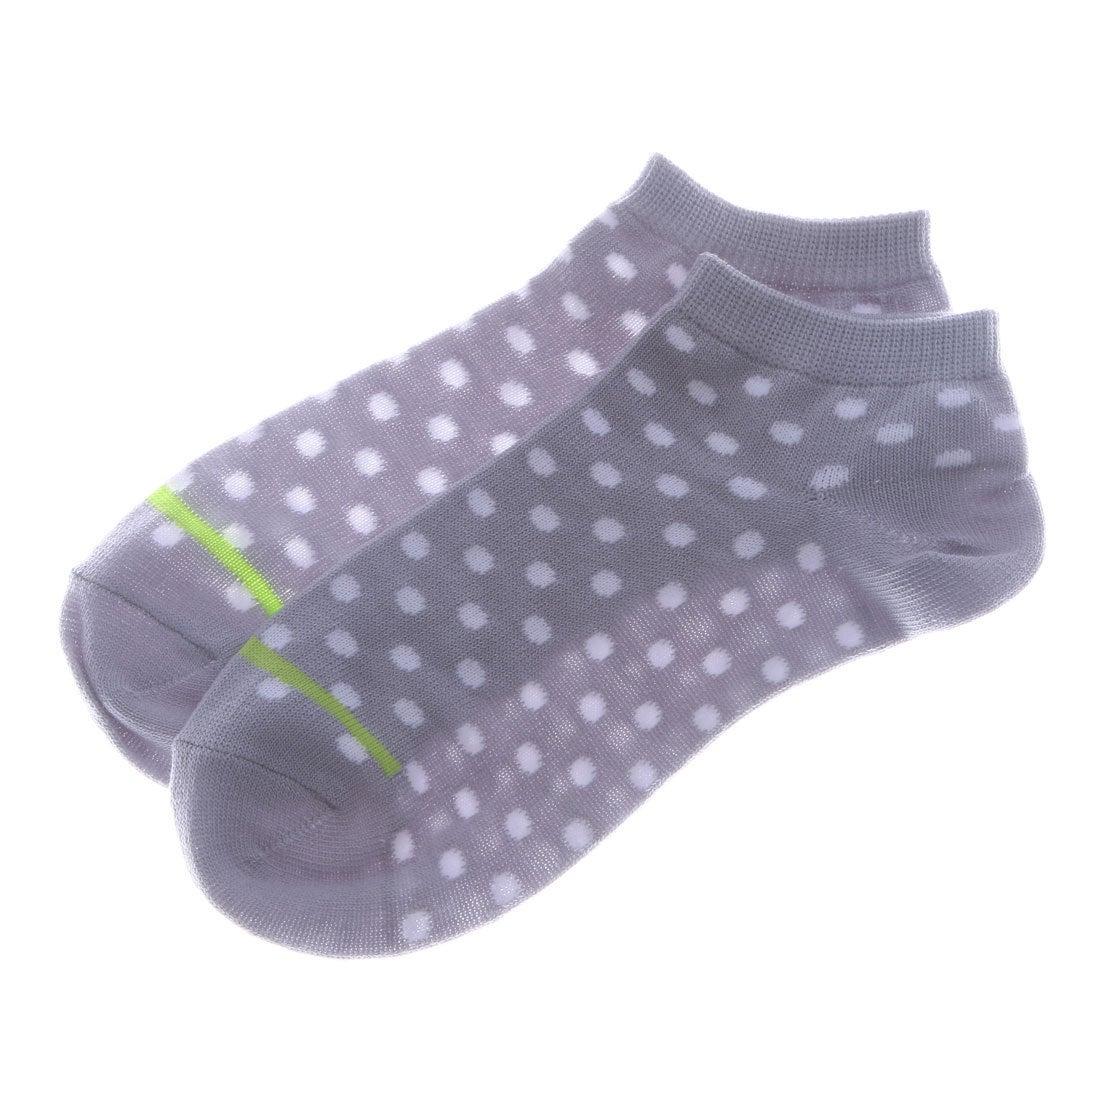 14a5f820c2260f イグニオ IGNIO レディース ソックス IG-9C20040L AN 靴下 -レディースファッション通販 ロコンドガールズコレクション (ロココレ)